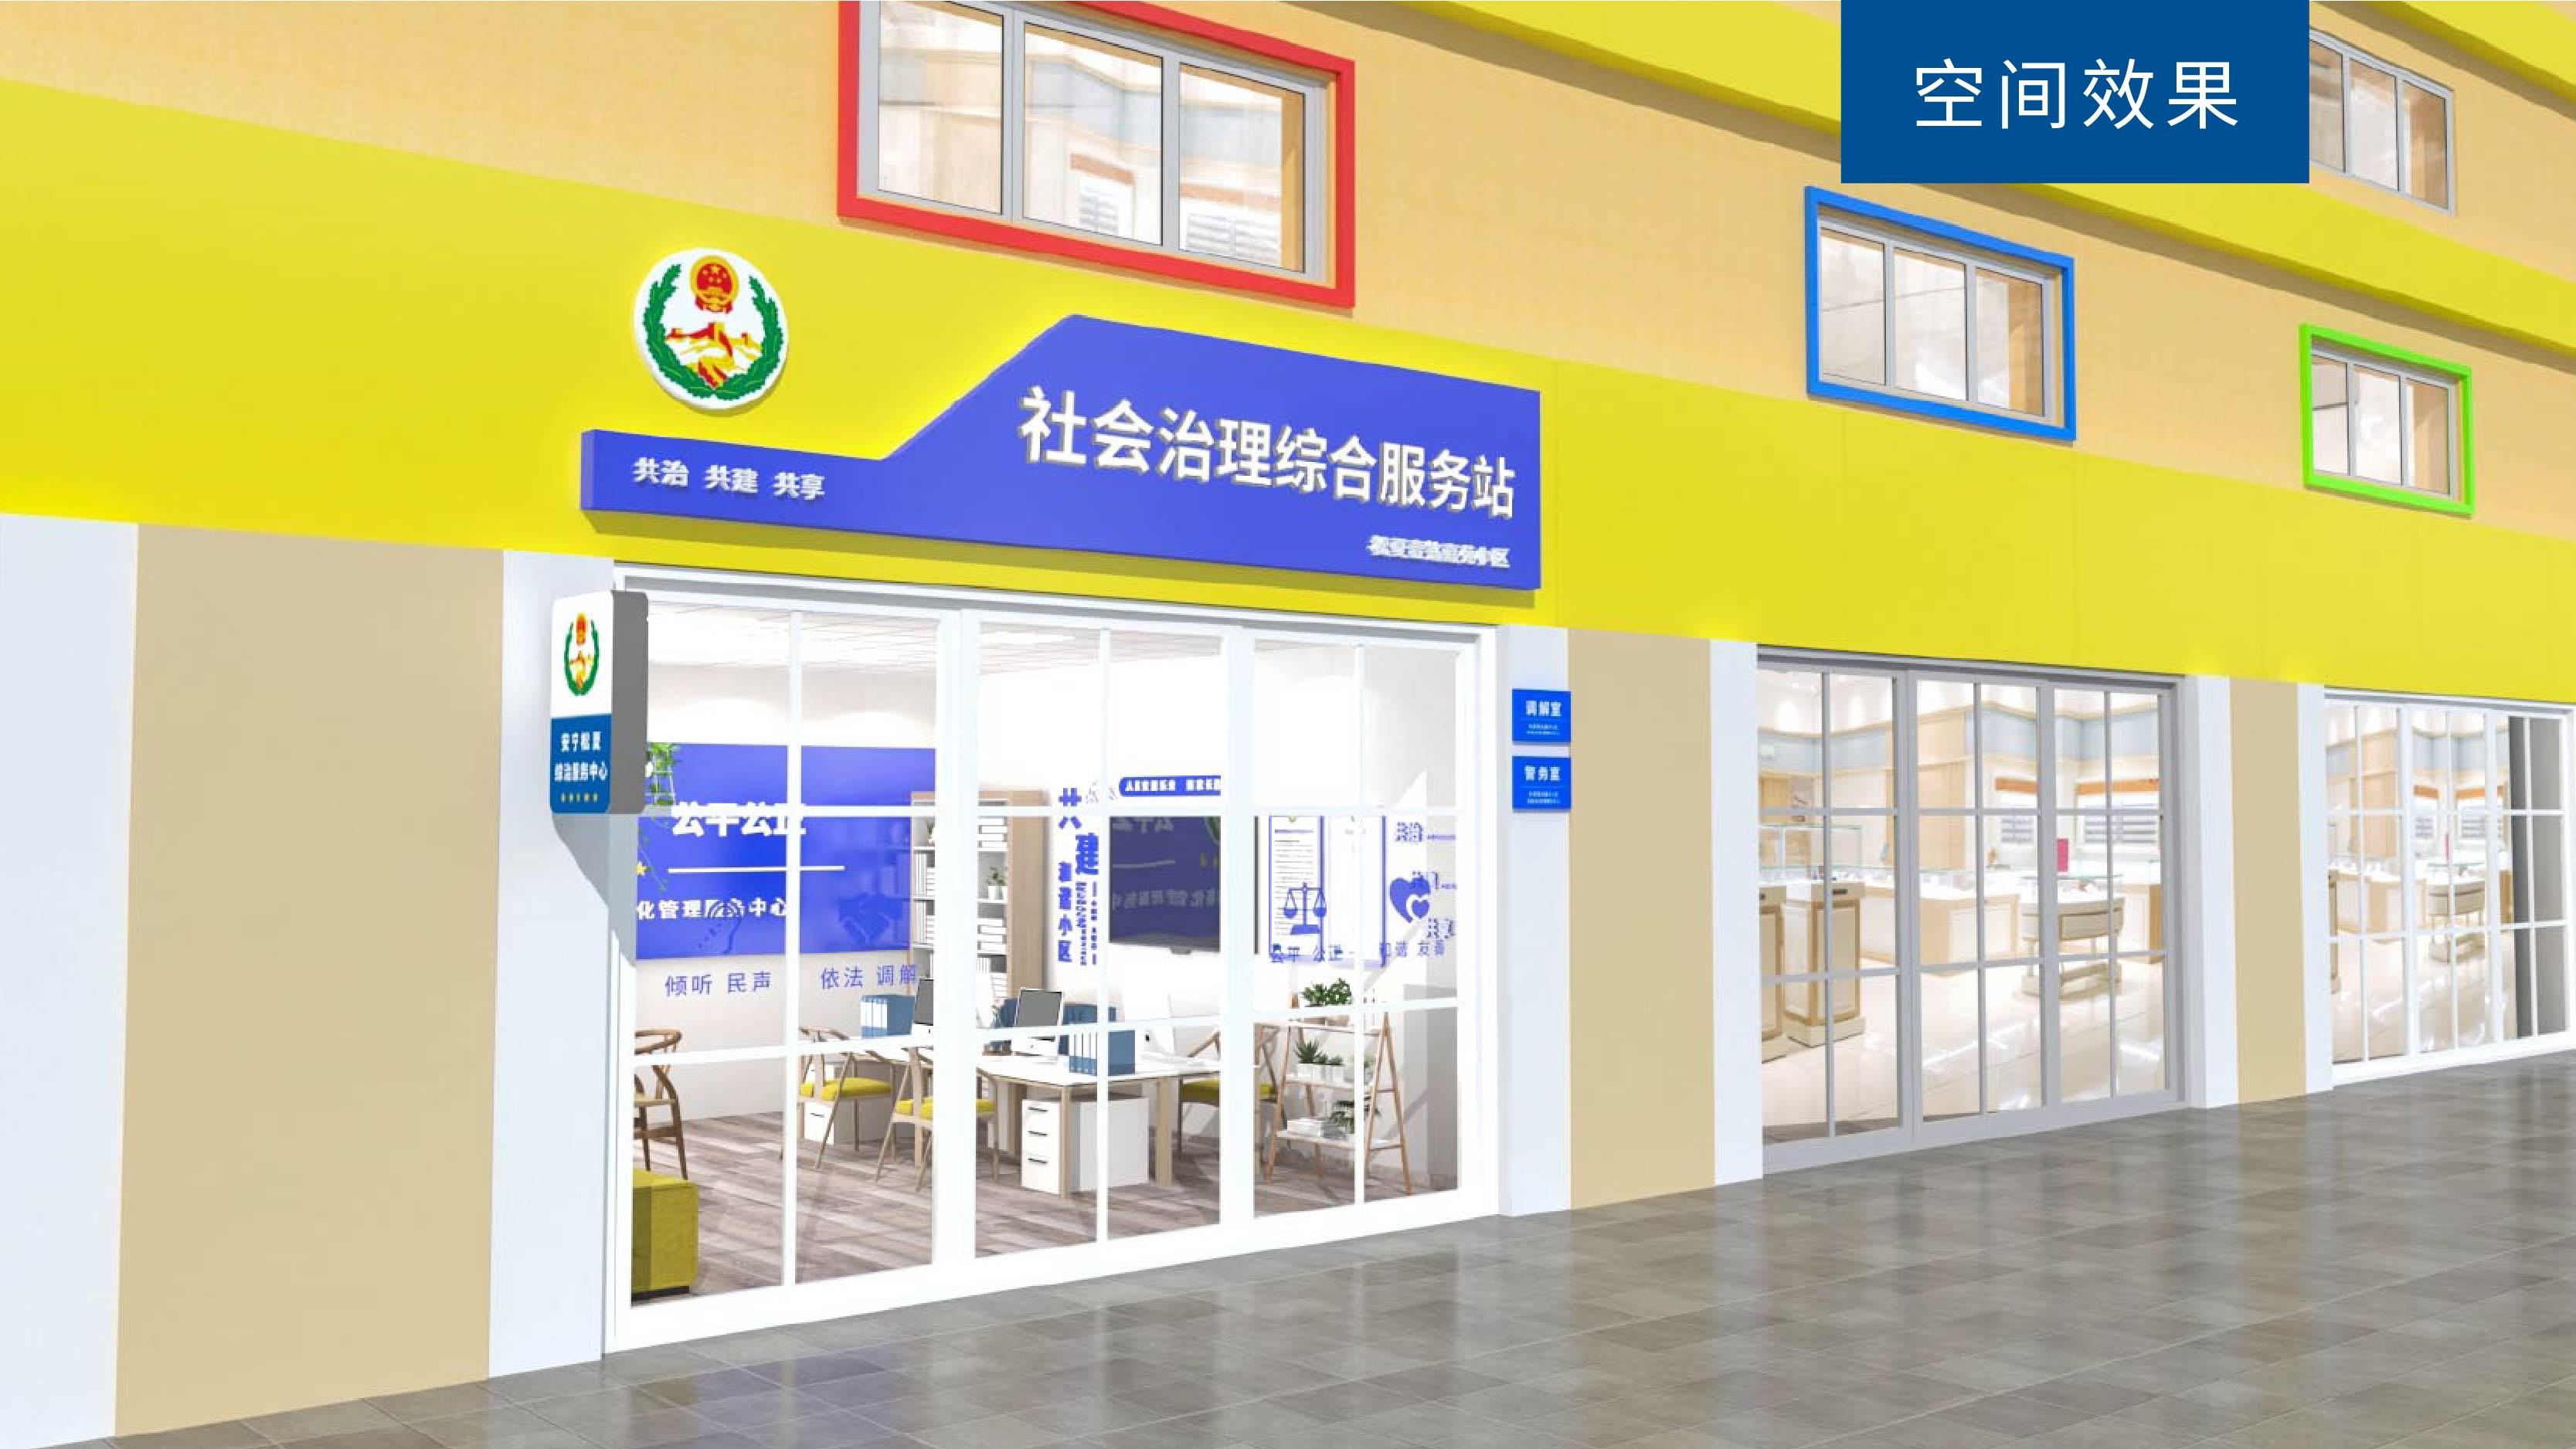 综治中心-品牌策划设计